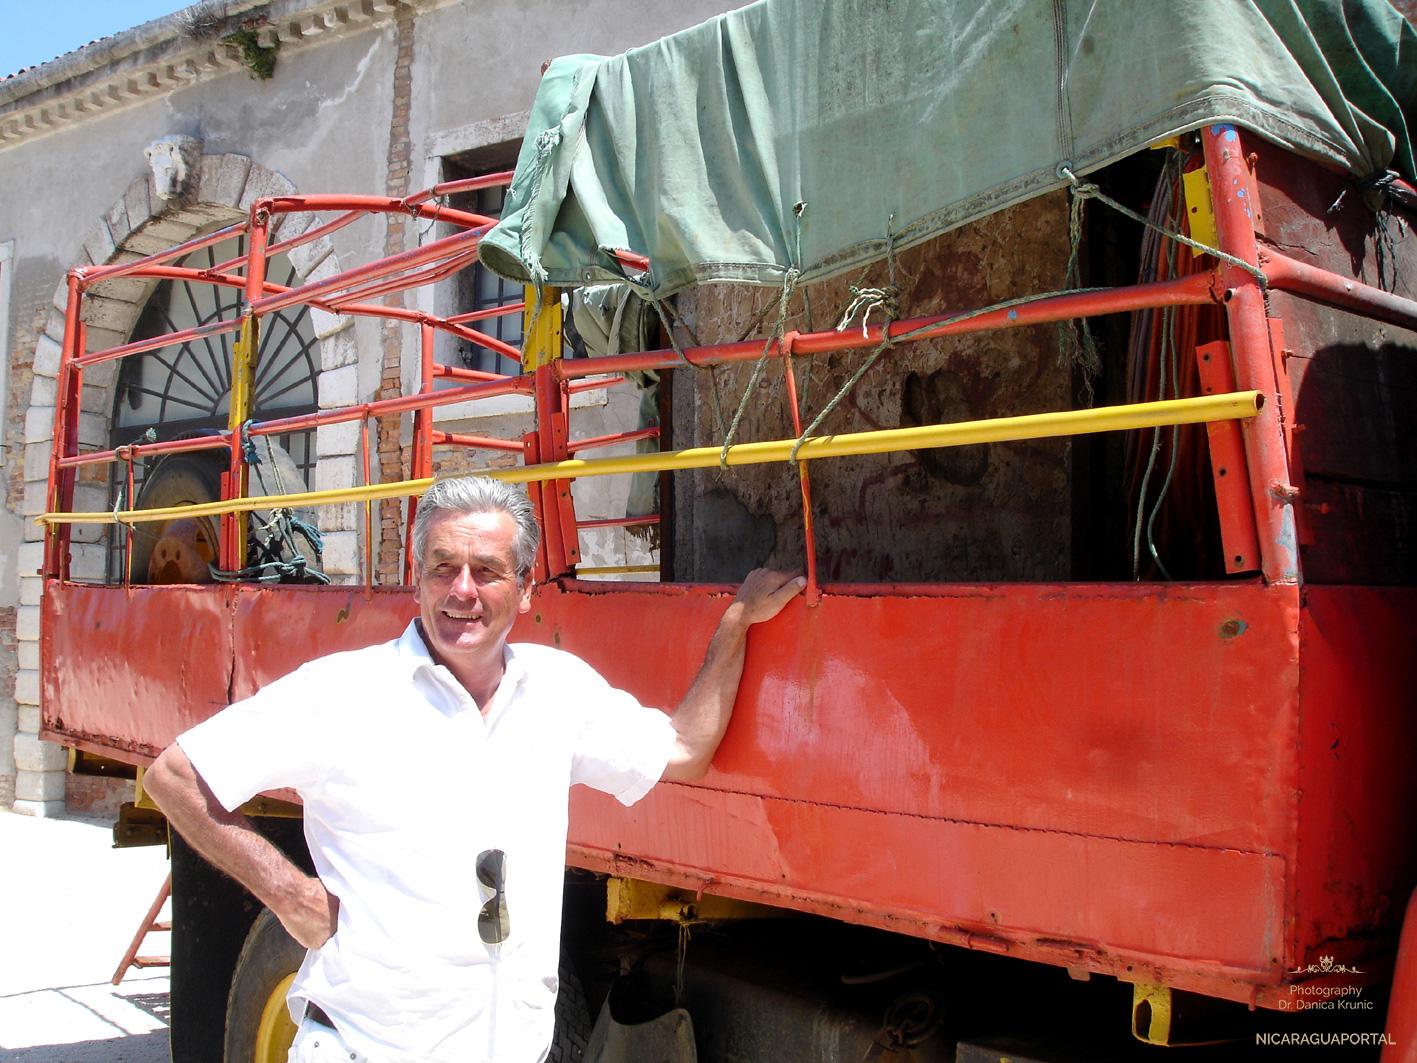 Nicaragua: Ernesto Salmeron Biennale Venezia